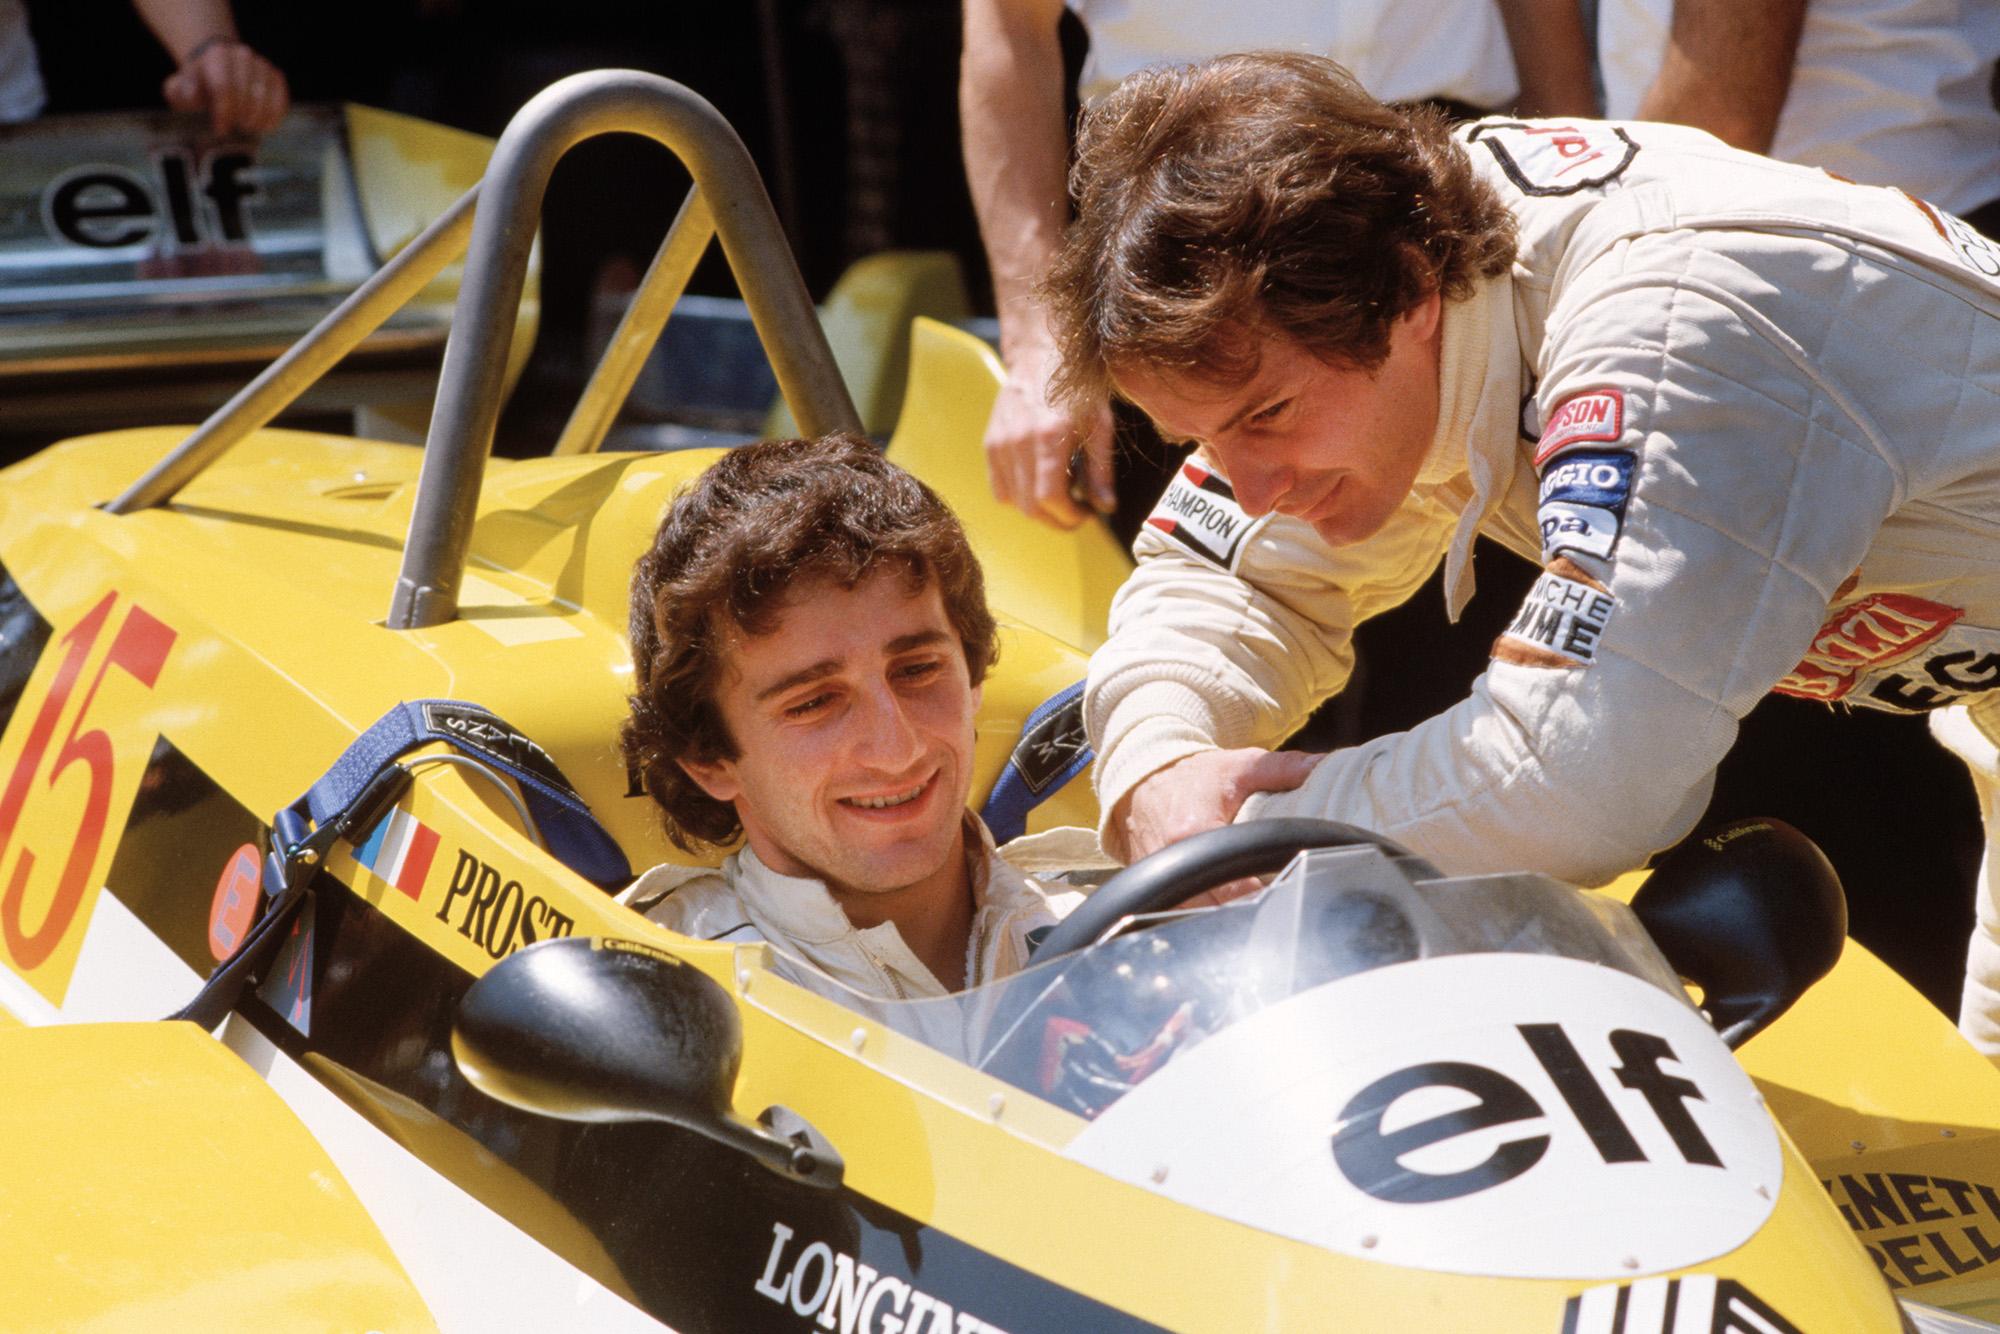 Alain Prost Gilles Villeneuve 1981 Monaco GP